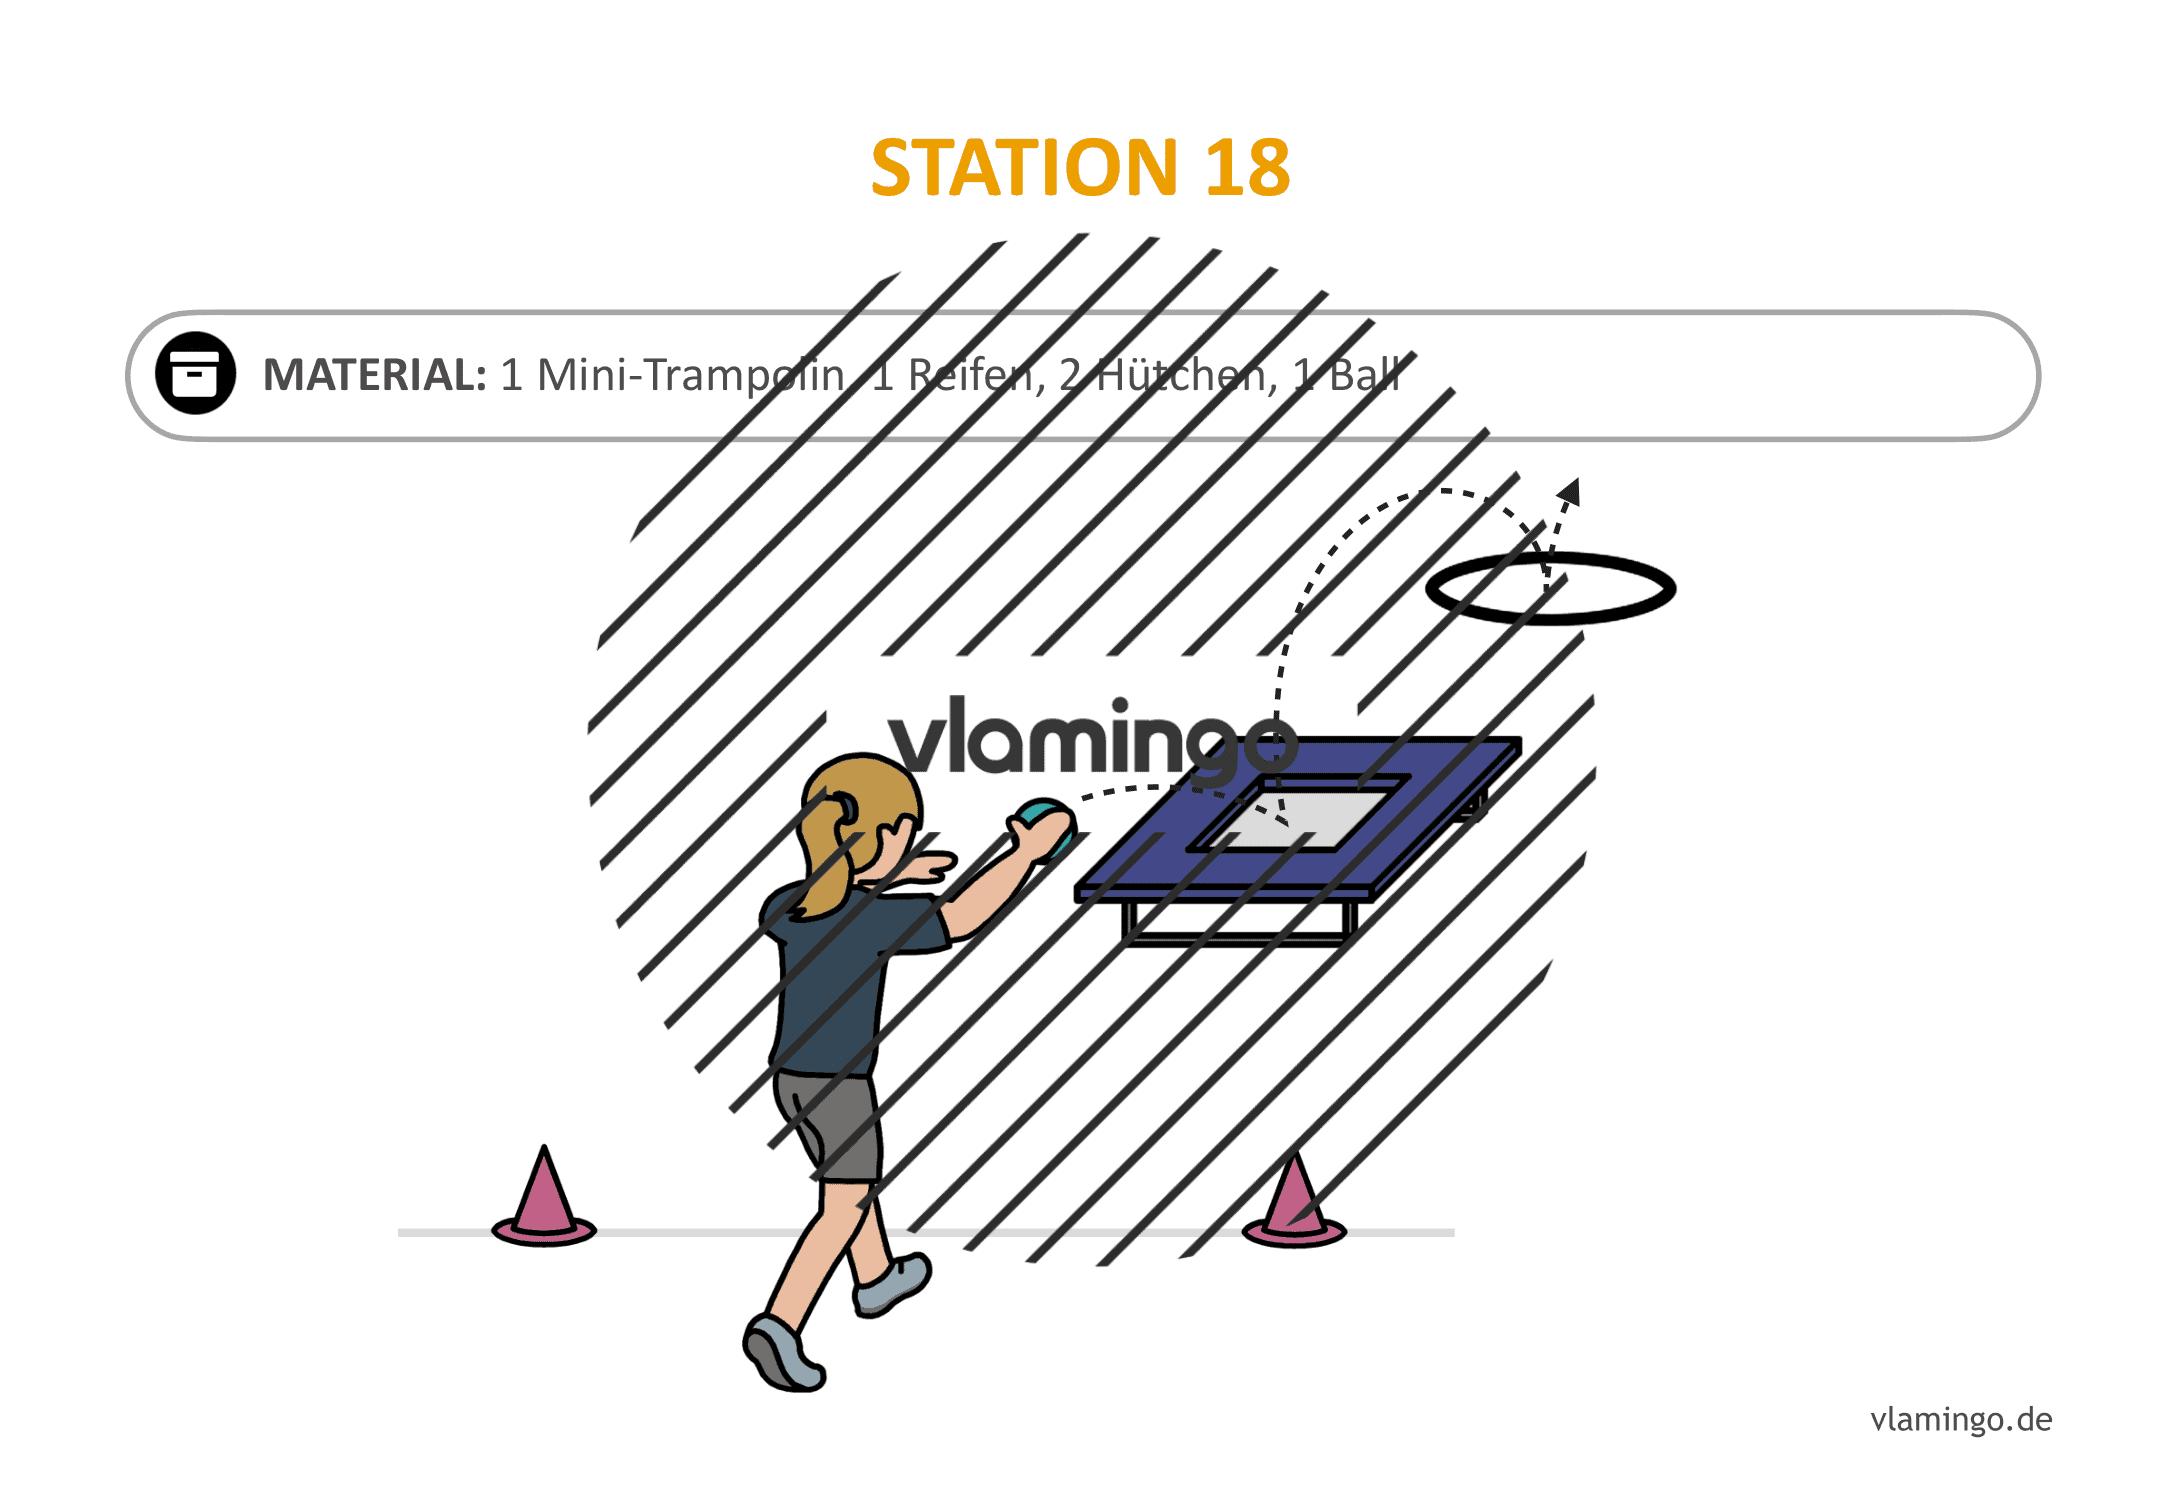 Handballgolf - Station-18